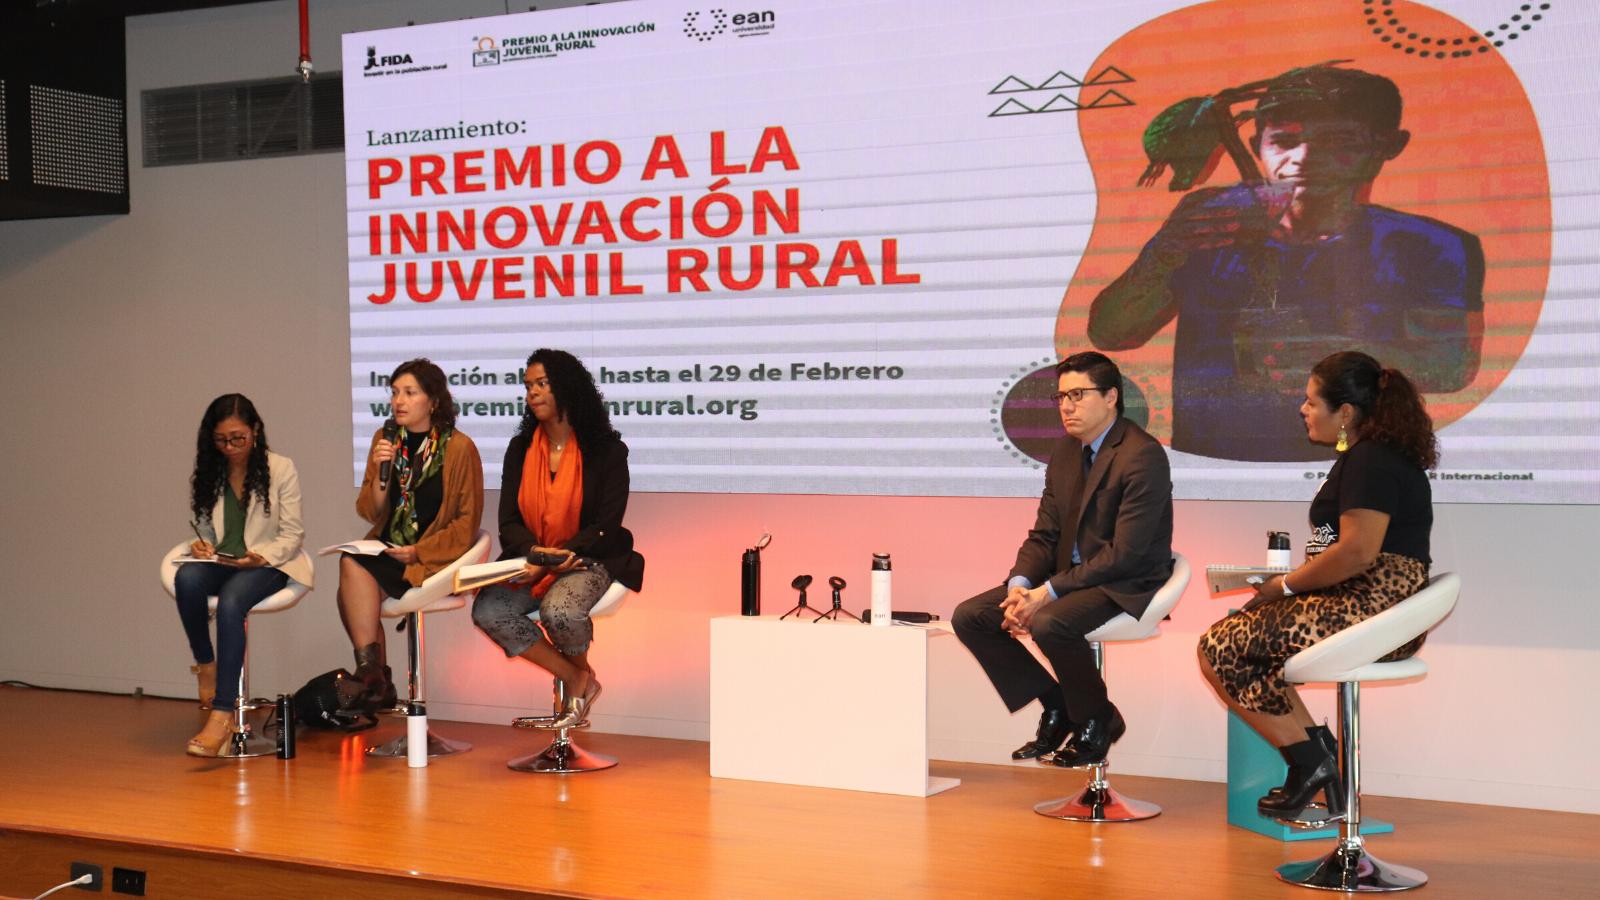 Convocatoria: lanzan el Premio a la innovación juvenil rural